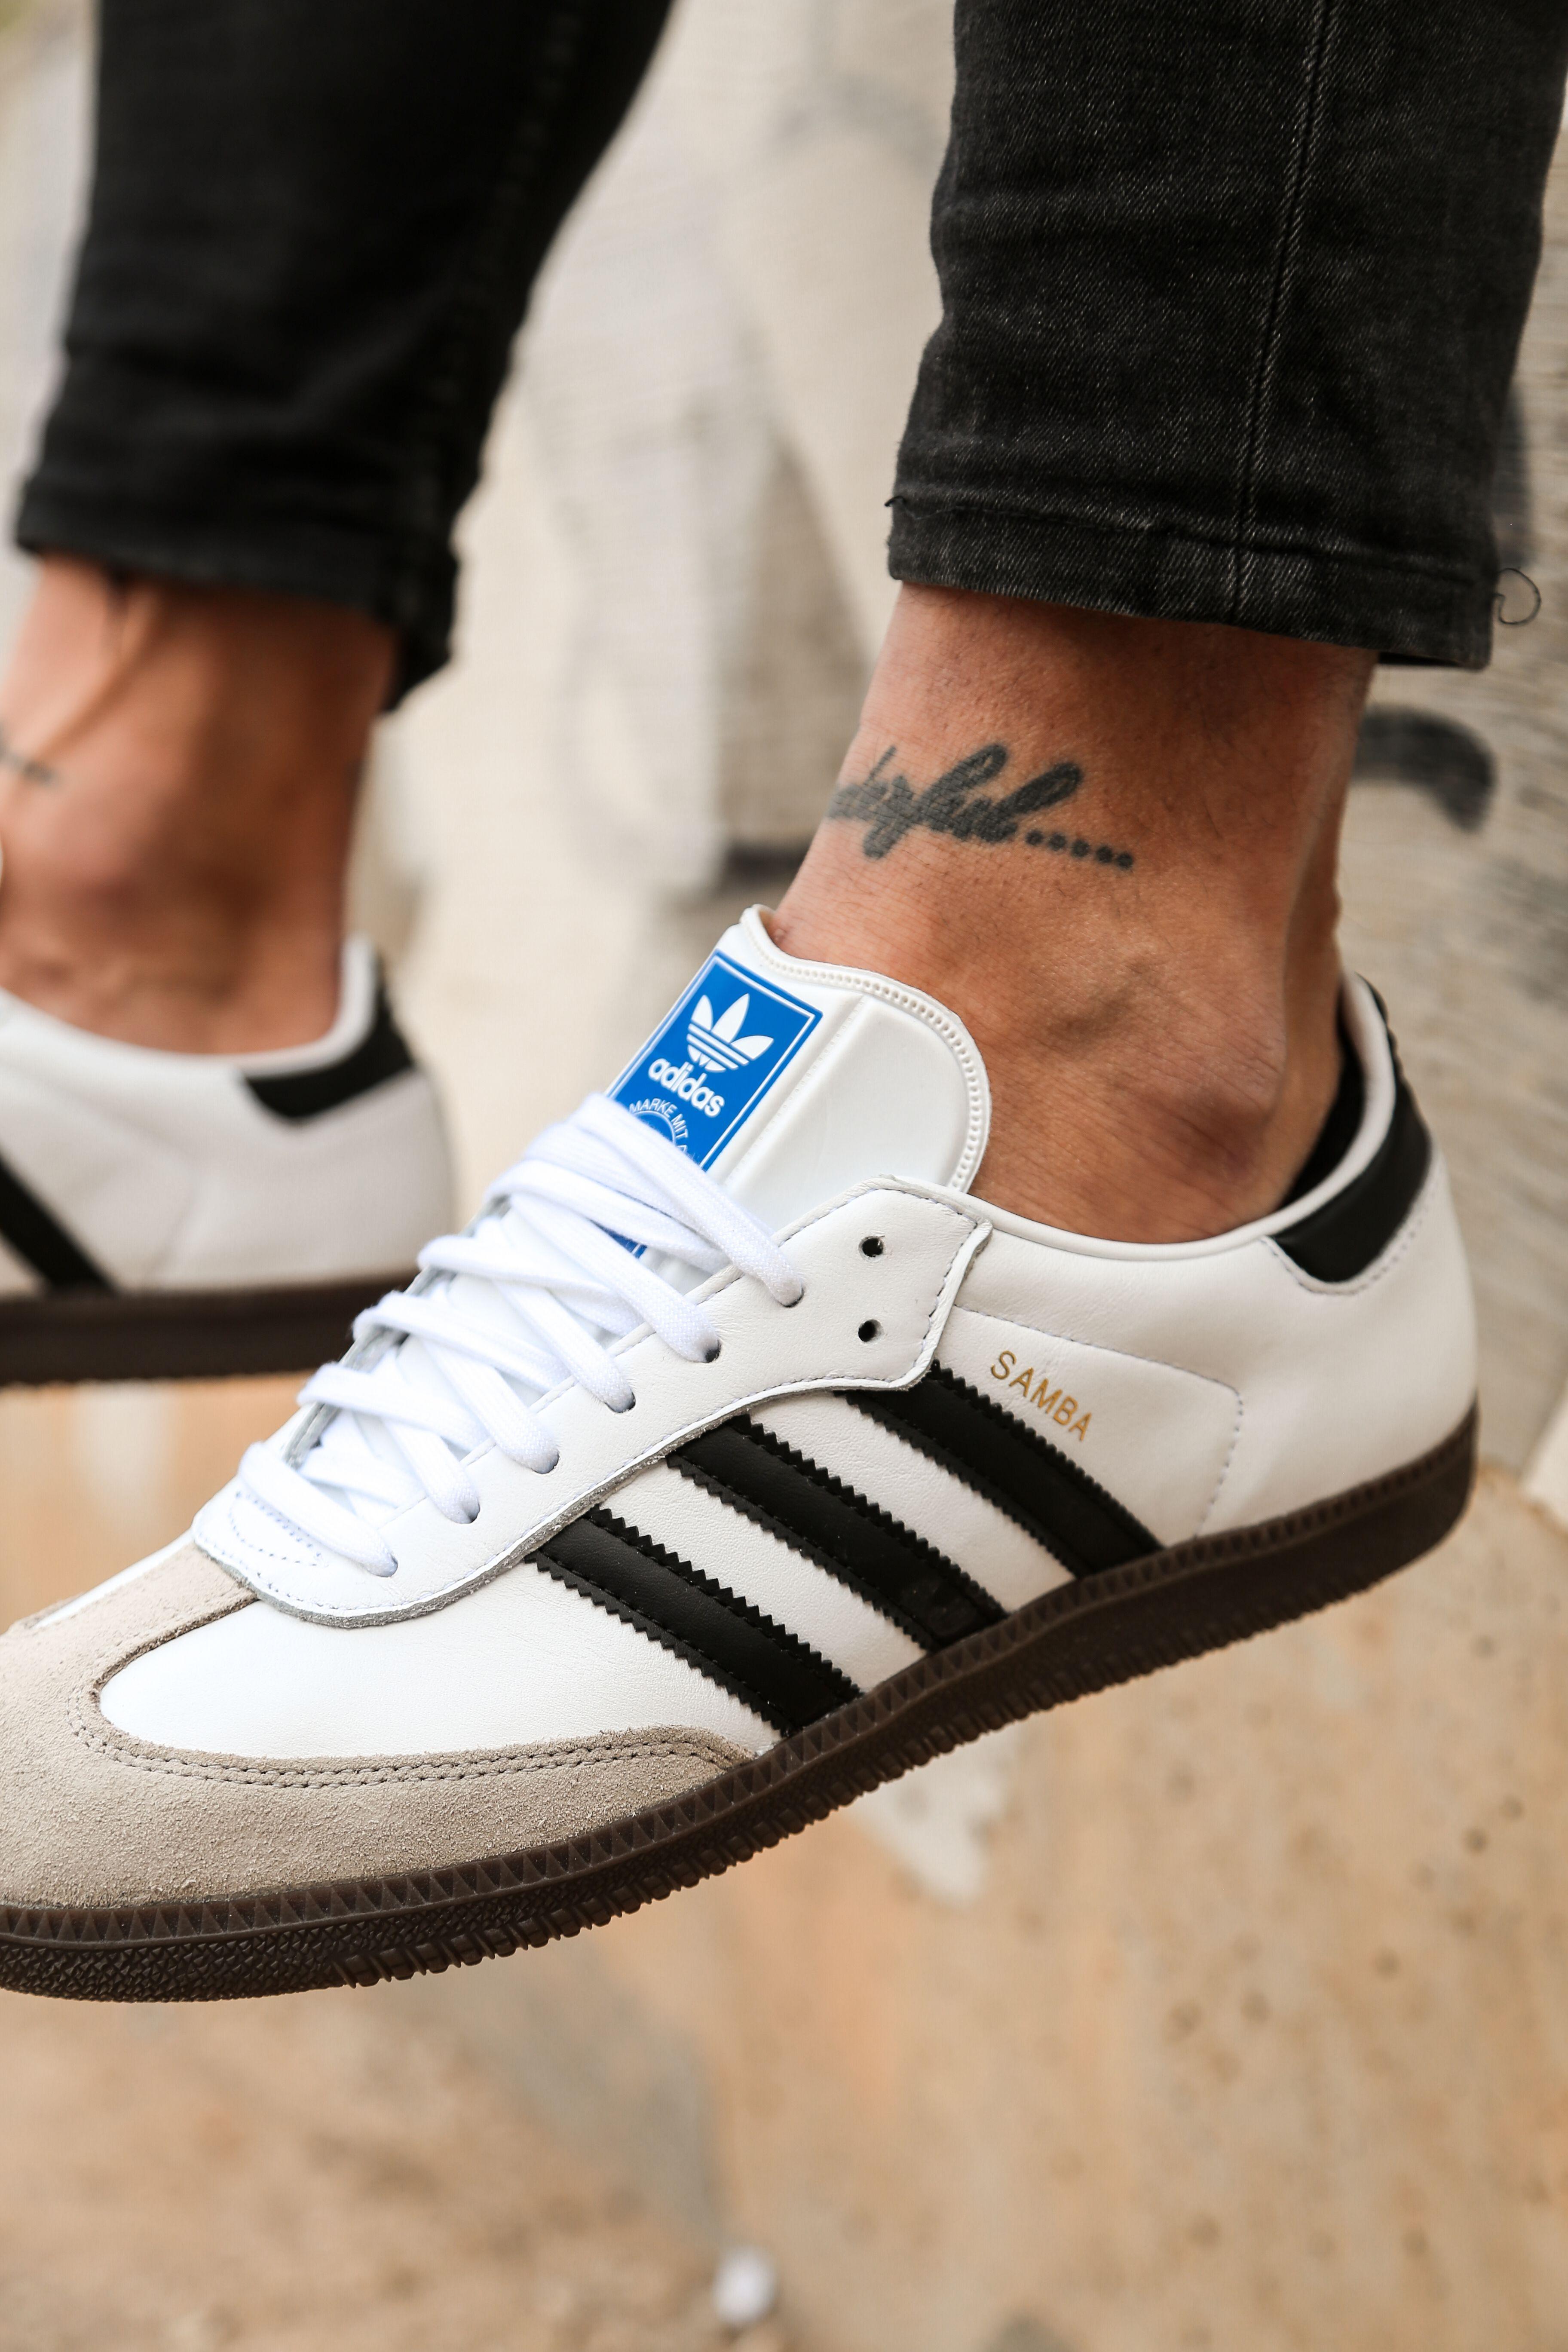 bicapa Factibilidad Cava  Las icónicas Adidas Samba regresan a sus orígenes con un estilo rompedor🔥.  Ya disponible… | Zapatos sport hombre, Zapatos hombre deportivos, Zapatillas  hombre moda